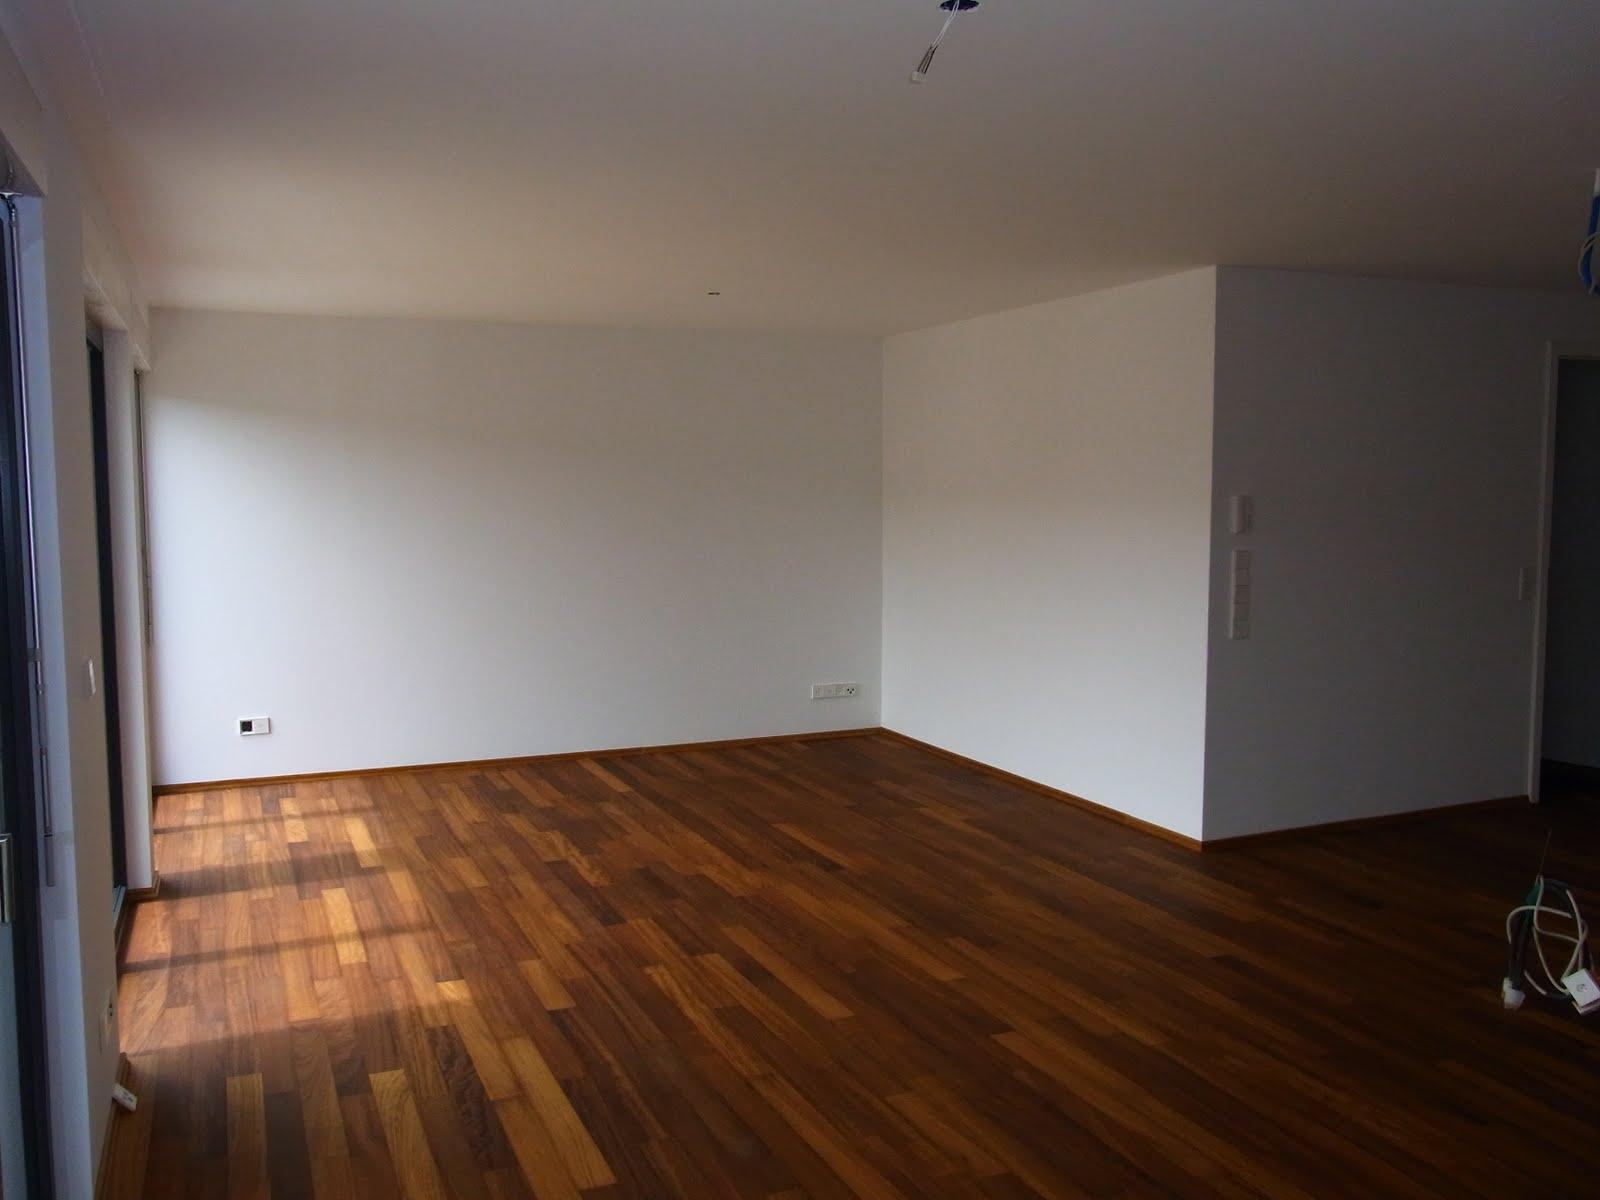 haus wohnzimmer größe:Wohnzimmer der Einliegerwohnung mit Einzelstab, Echtholzparkett Iroko